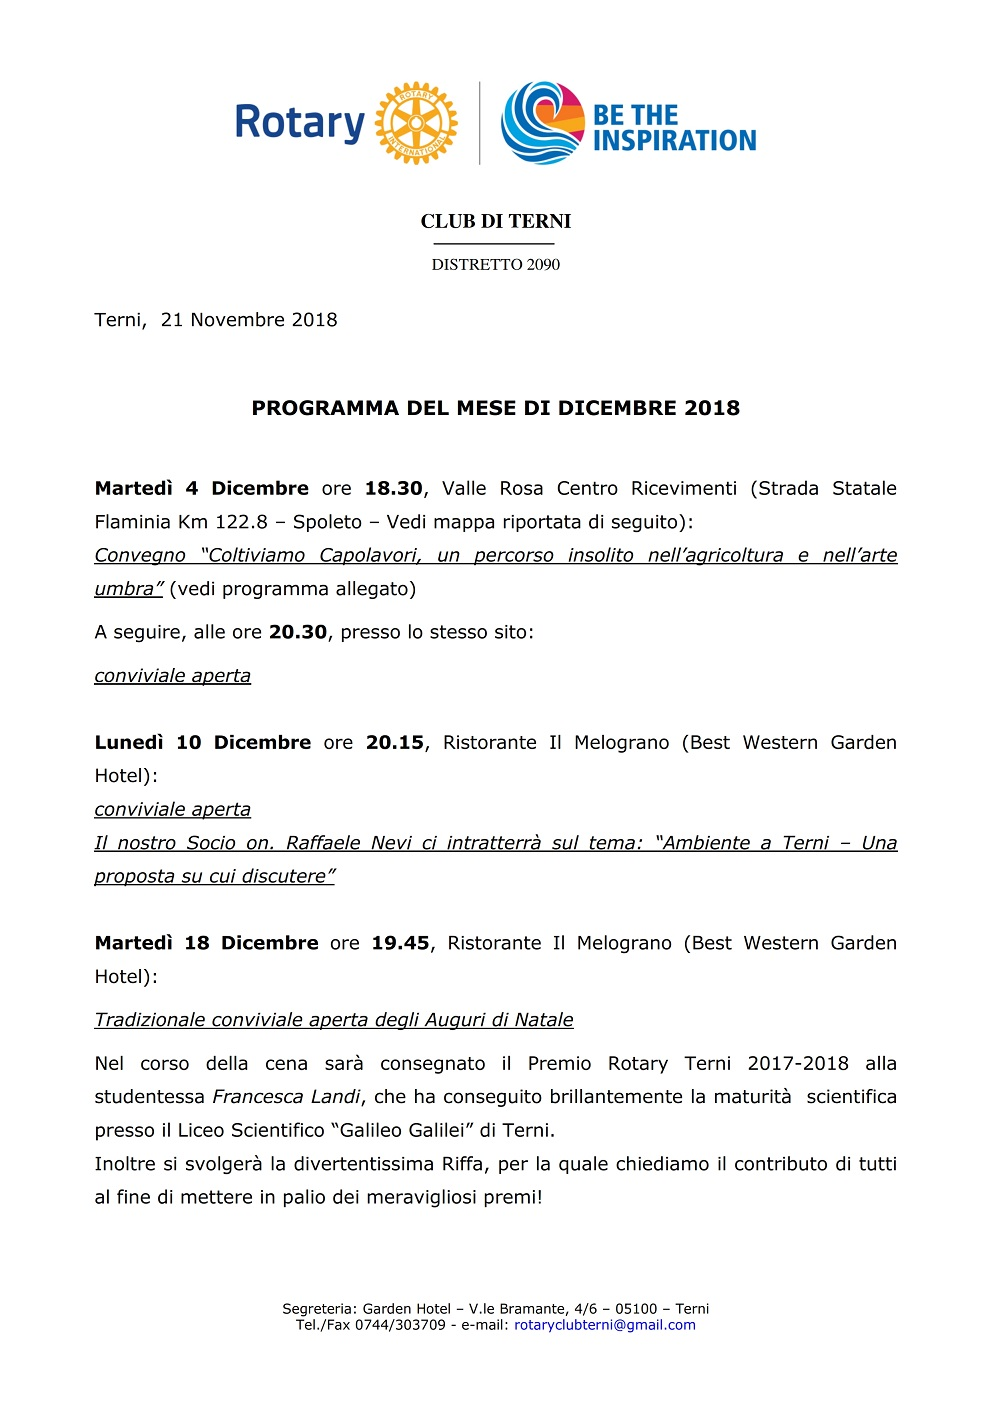 2018_12-RC Terni-Programma Dicembre 2018 (002)_001